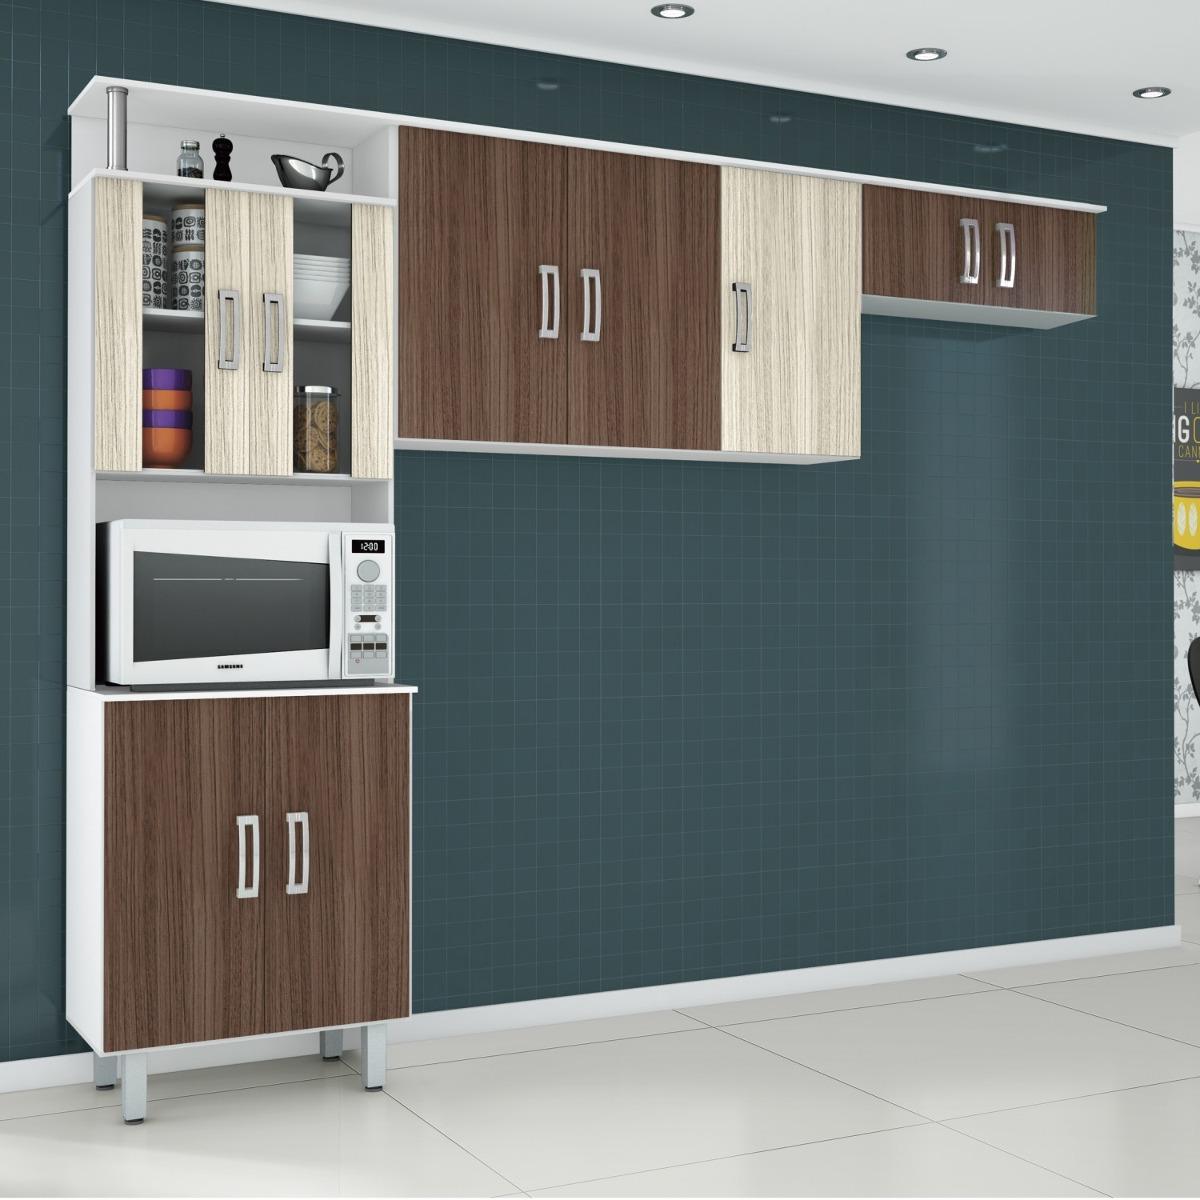 Cozinha Compacta 3 Pe As 9 Portas Em Mdf Vidro Su Bh R 309 90